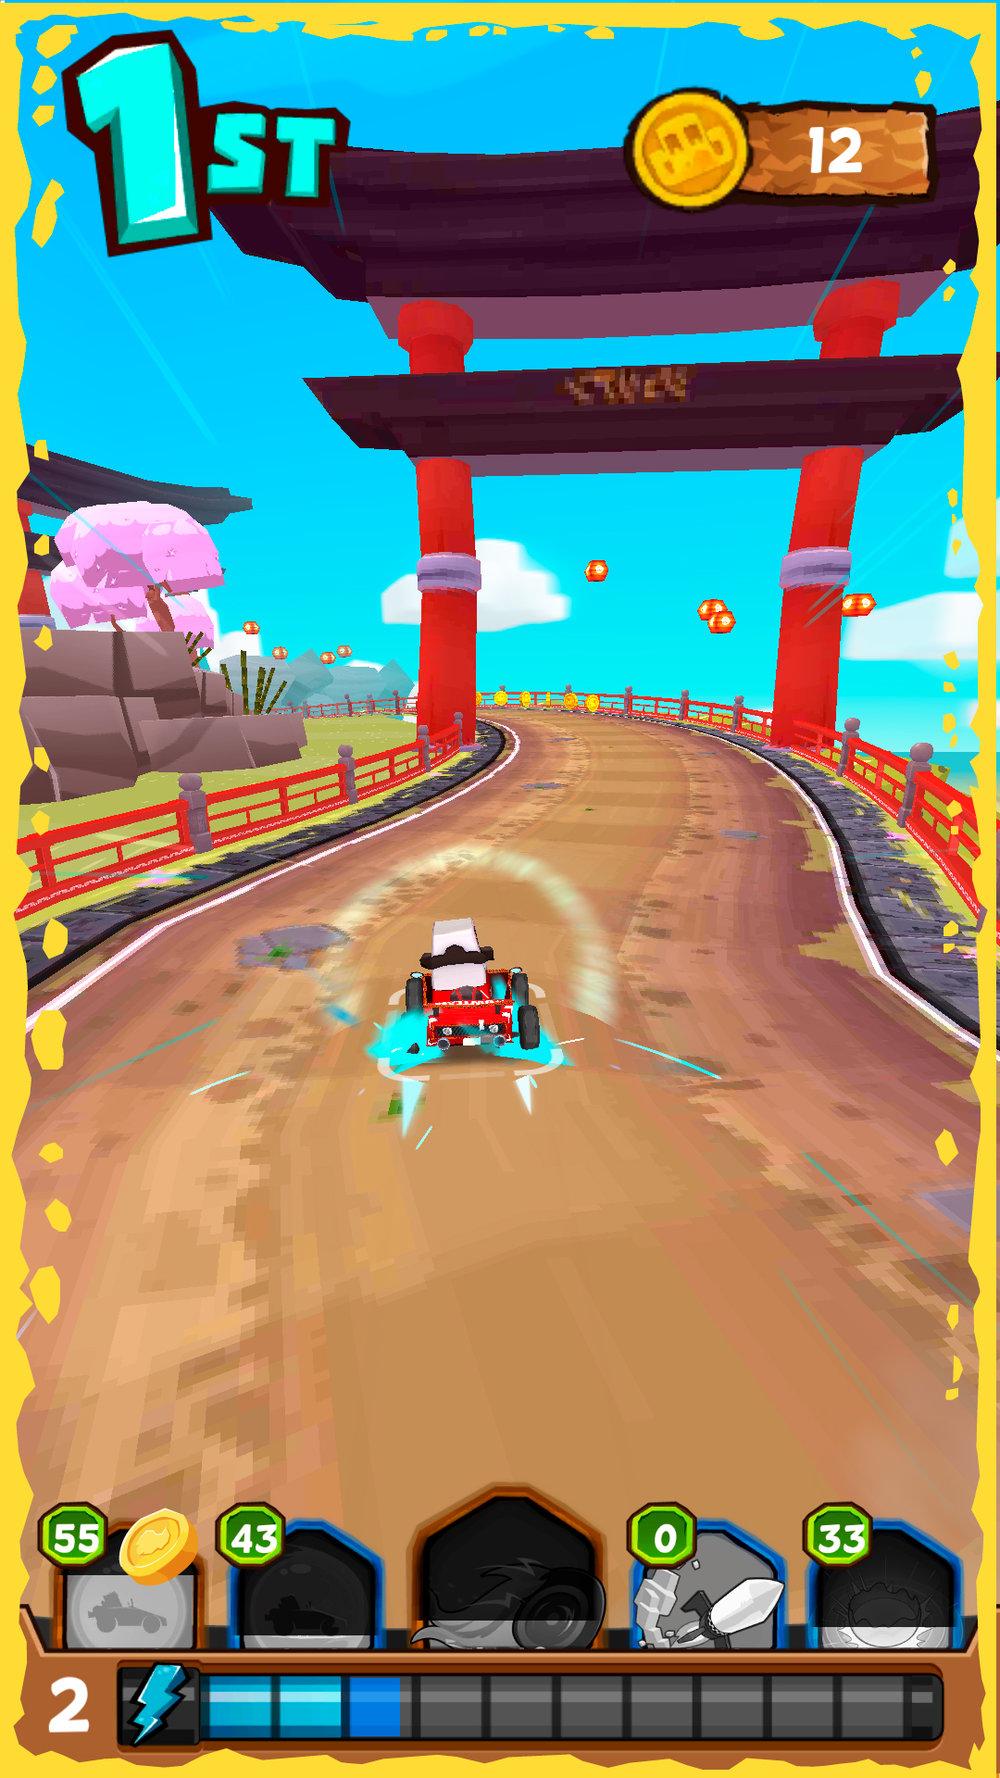 Racer_squad_4.jpg